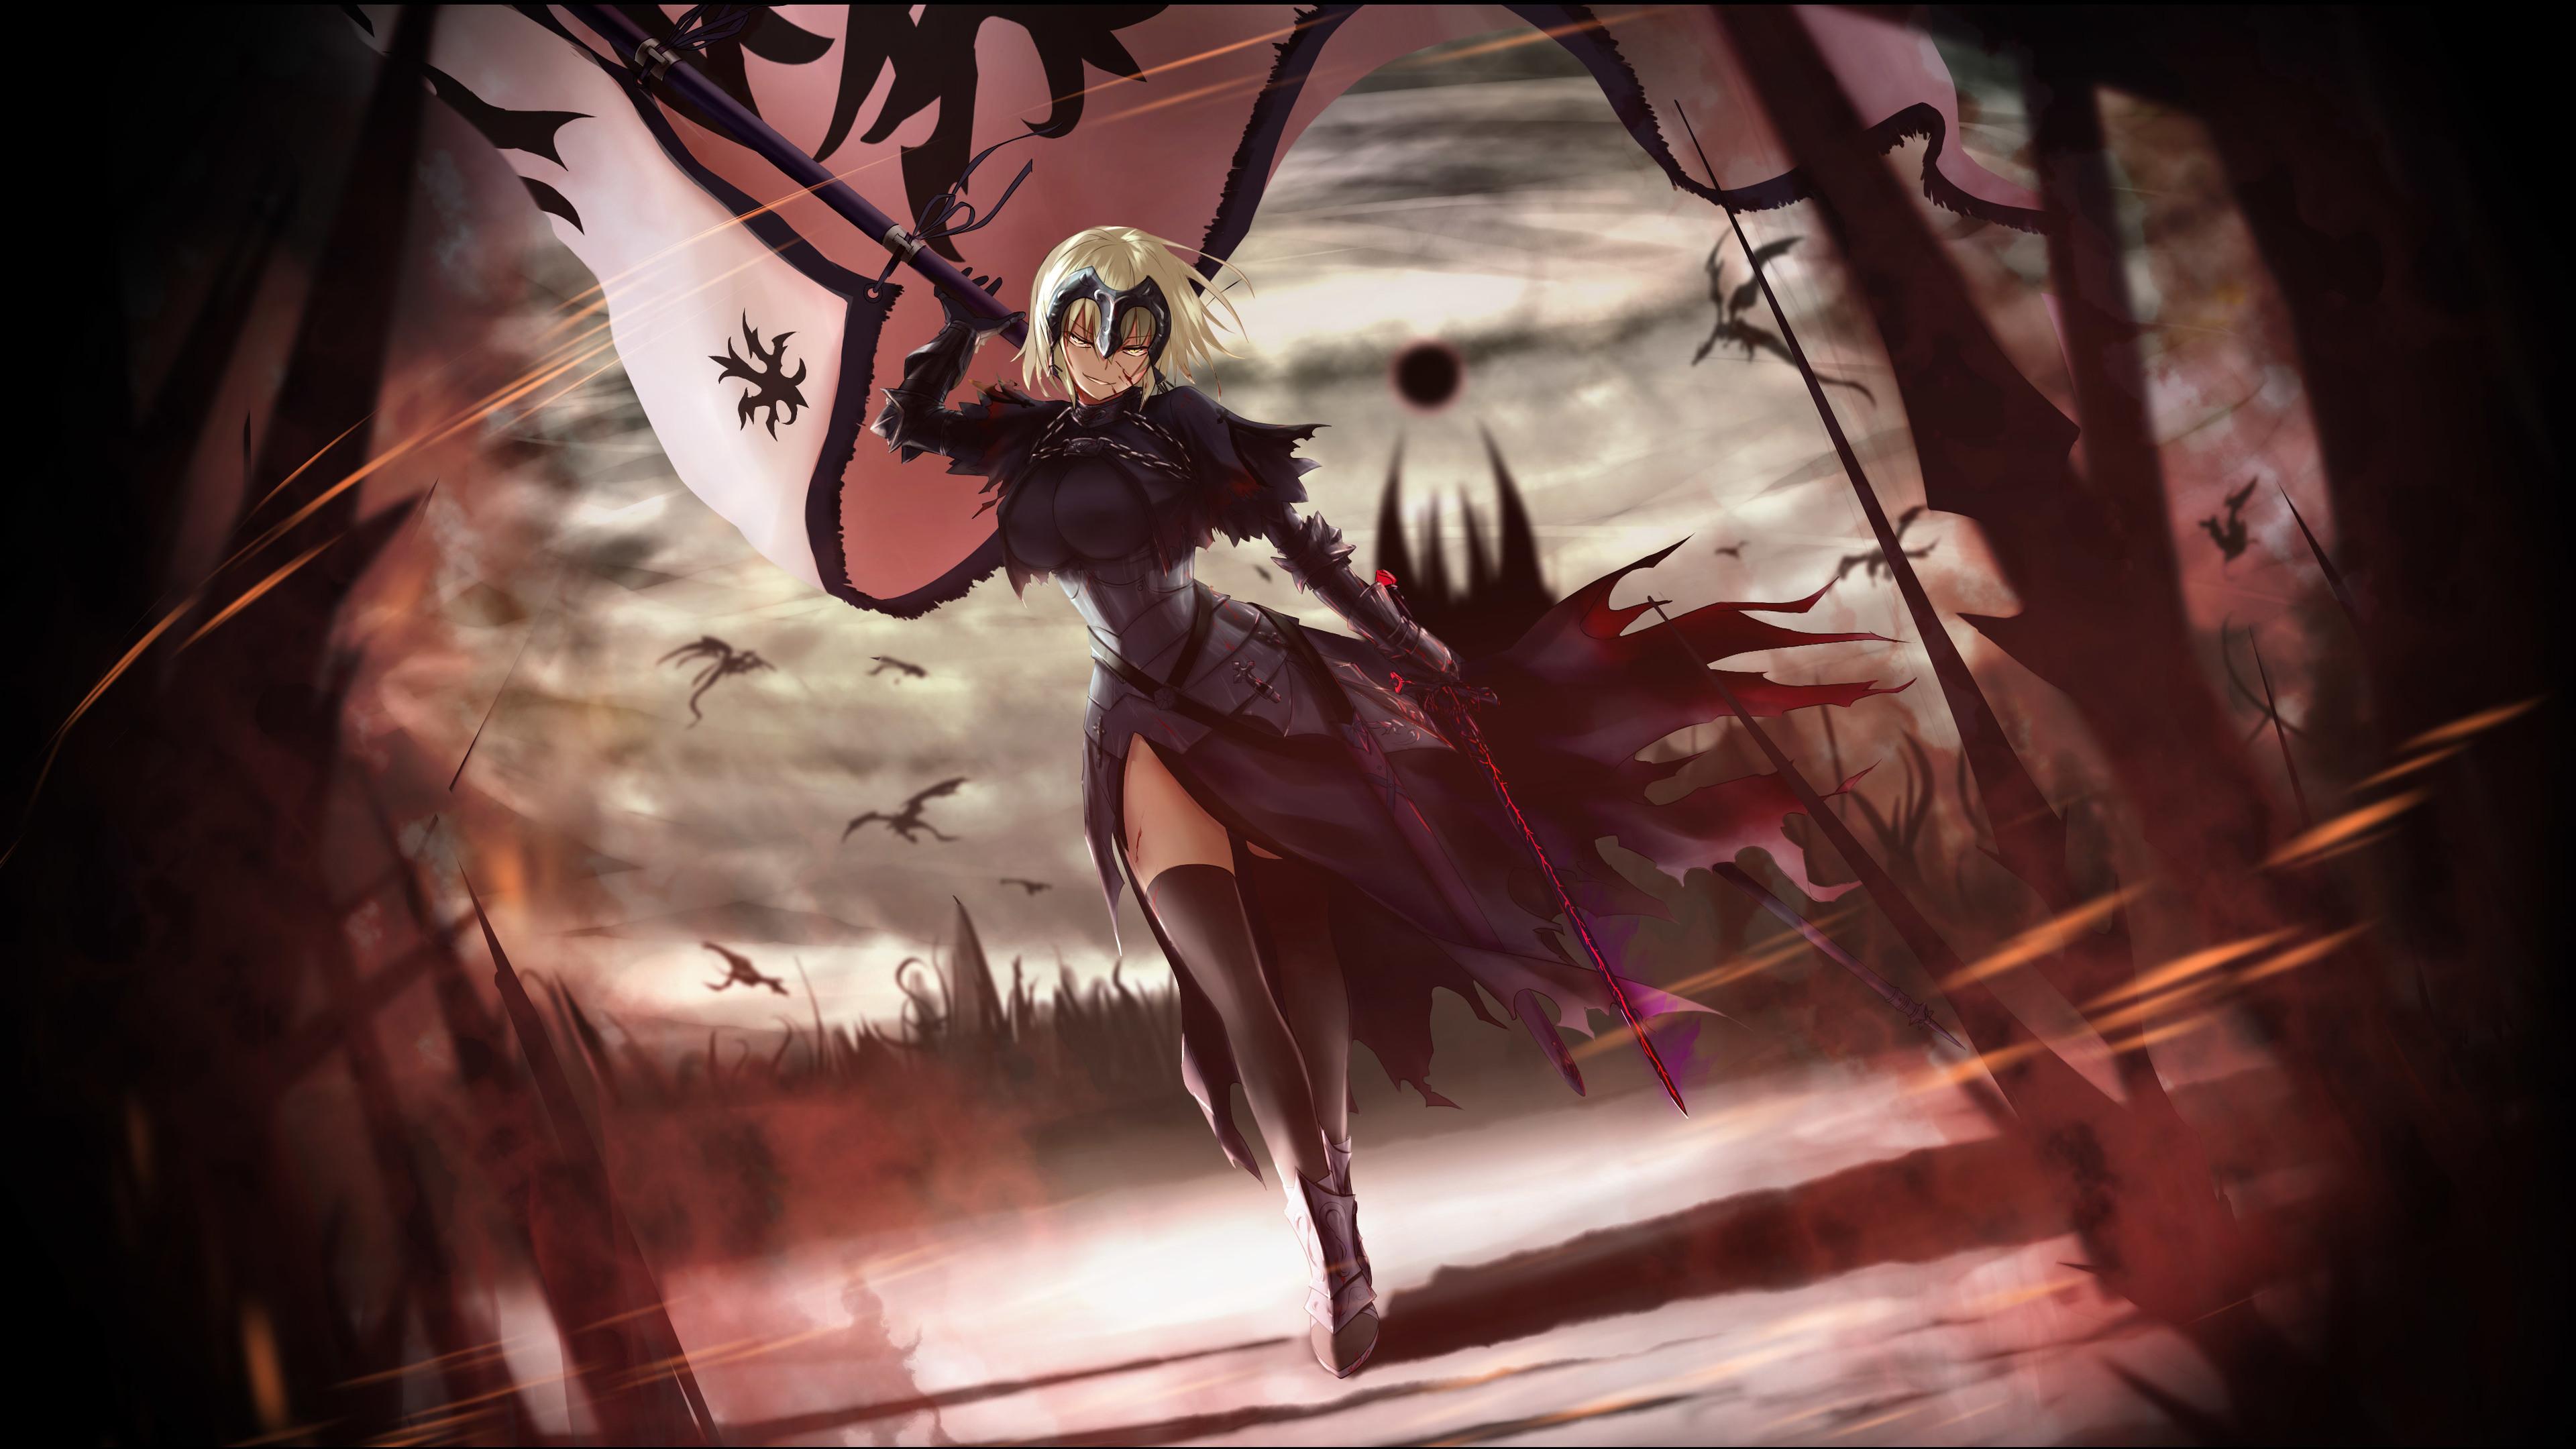 Wallpaper 4k Anime Fate Grand Order 4k 4k Wallpapers Anime Girl